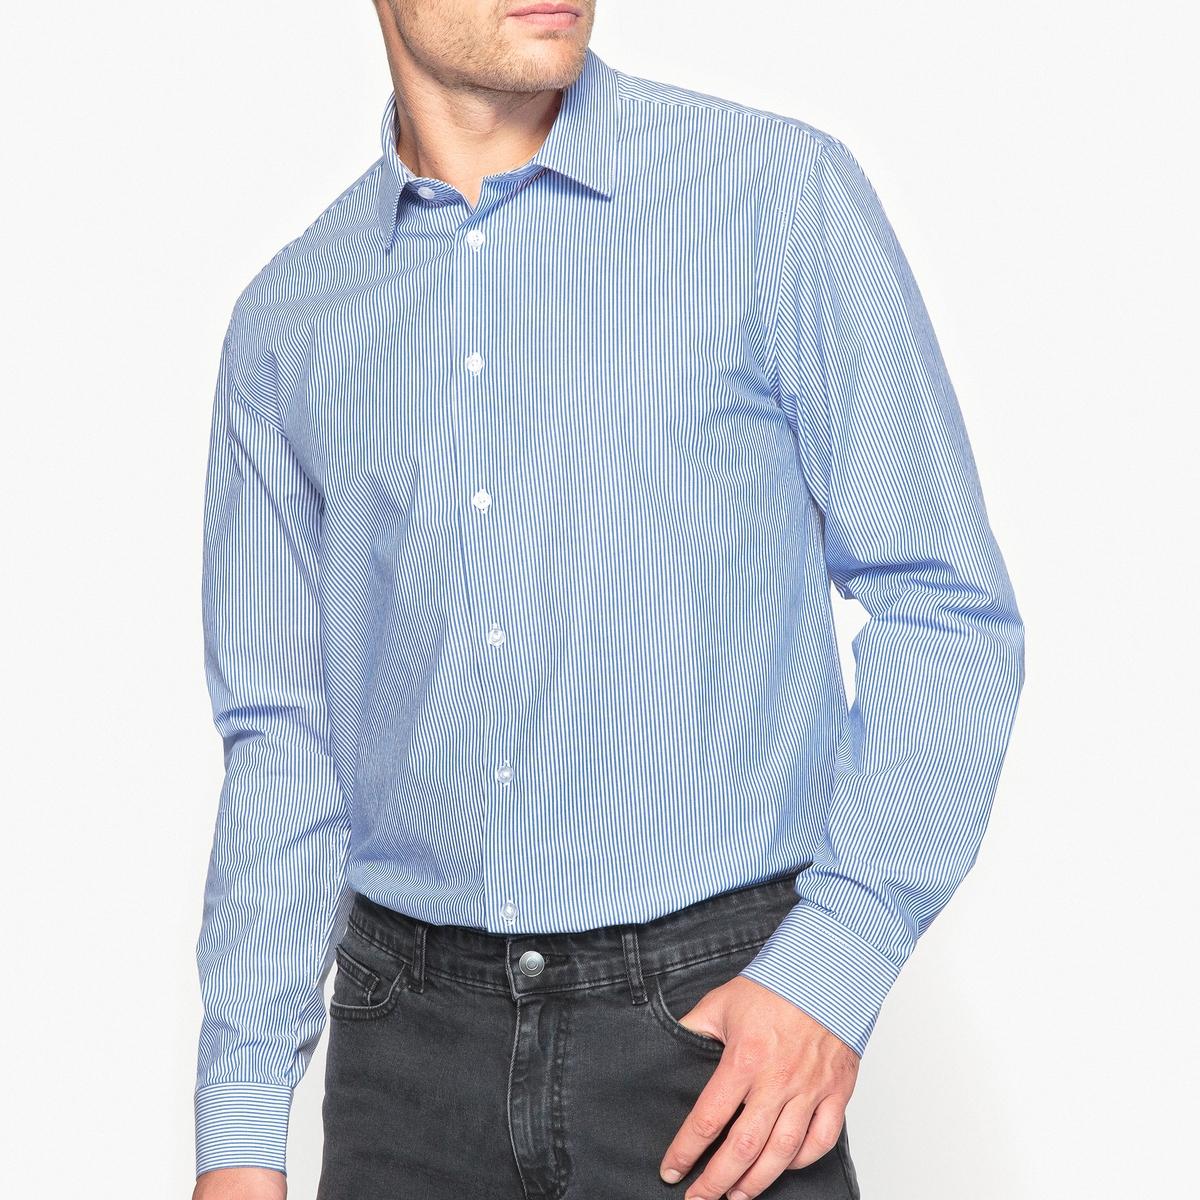 Рубашка узкого покроя в полоску, 100% хлопокОписание •  Длинные рукава  •  Приталенный покрой  •  Итальянский воротник  •  Рисунок в полоску Состав и уход •  100% хлопок  •  Машинная стирка при 40 °С  •  Сухая чистка и отбеливание запрещены    •  Не использовать барабанную сушку   •  Низкая температура глажки<br><br>Цвет: в полоску белый/синий<br>Размер: 45/46.37/38.47/48